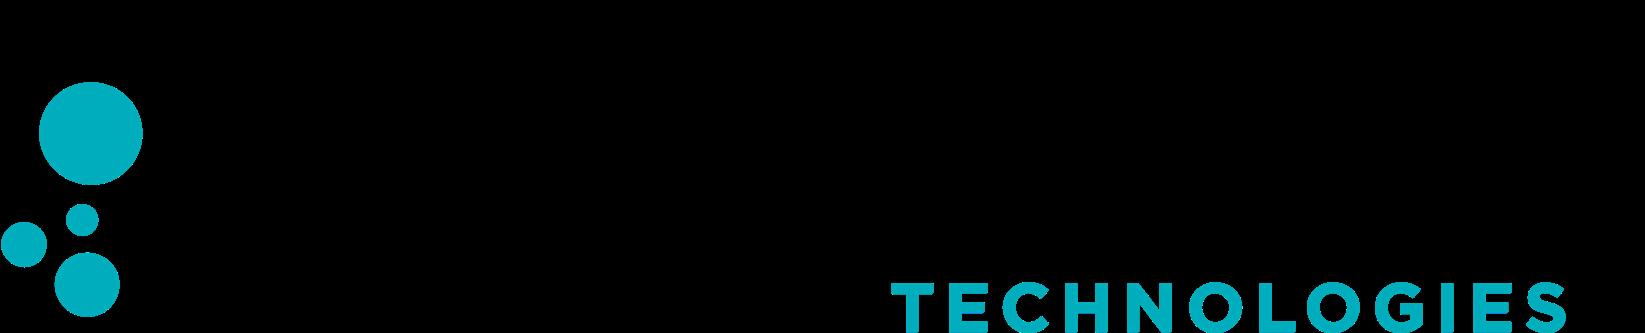 Pellucere Logo R.png